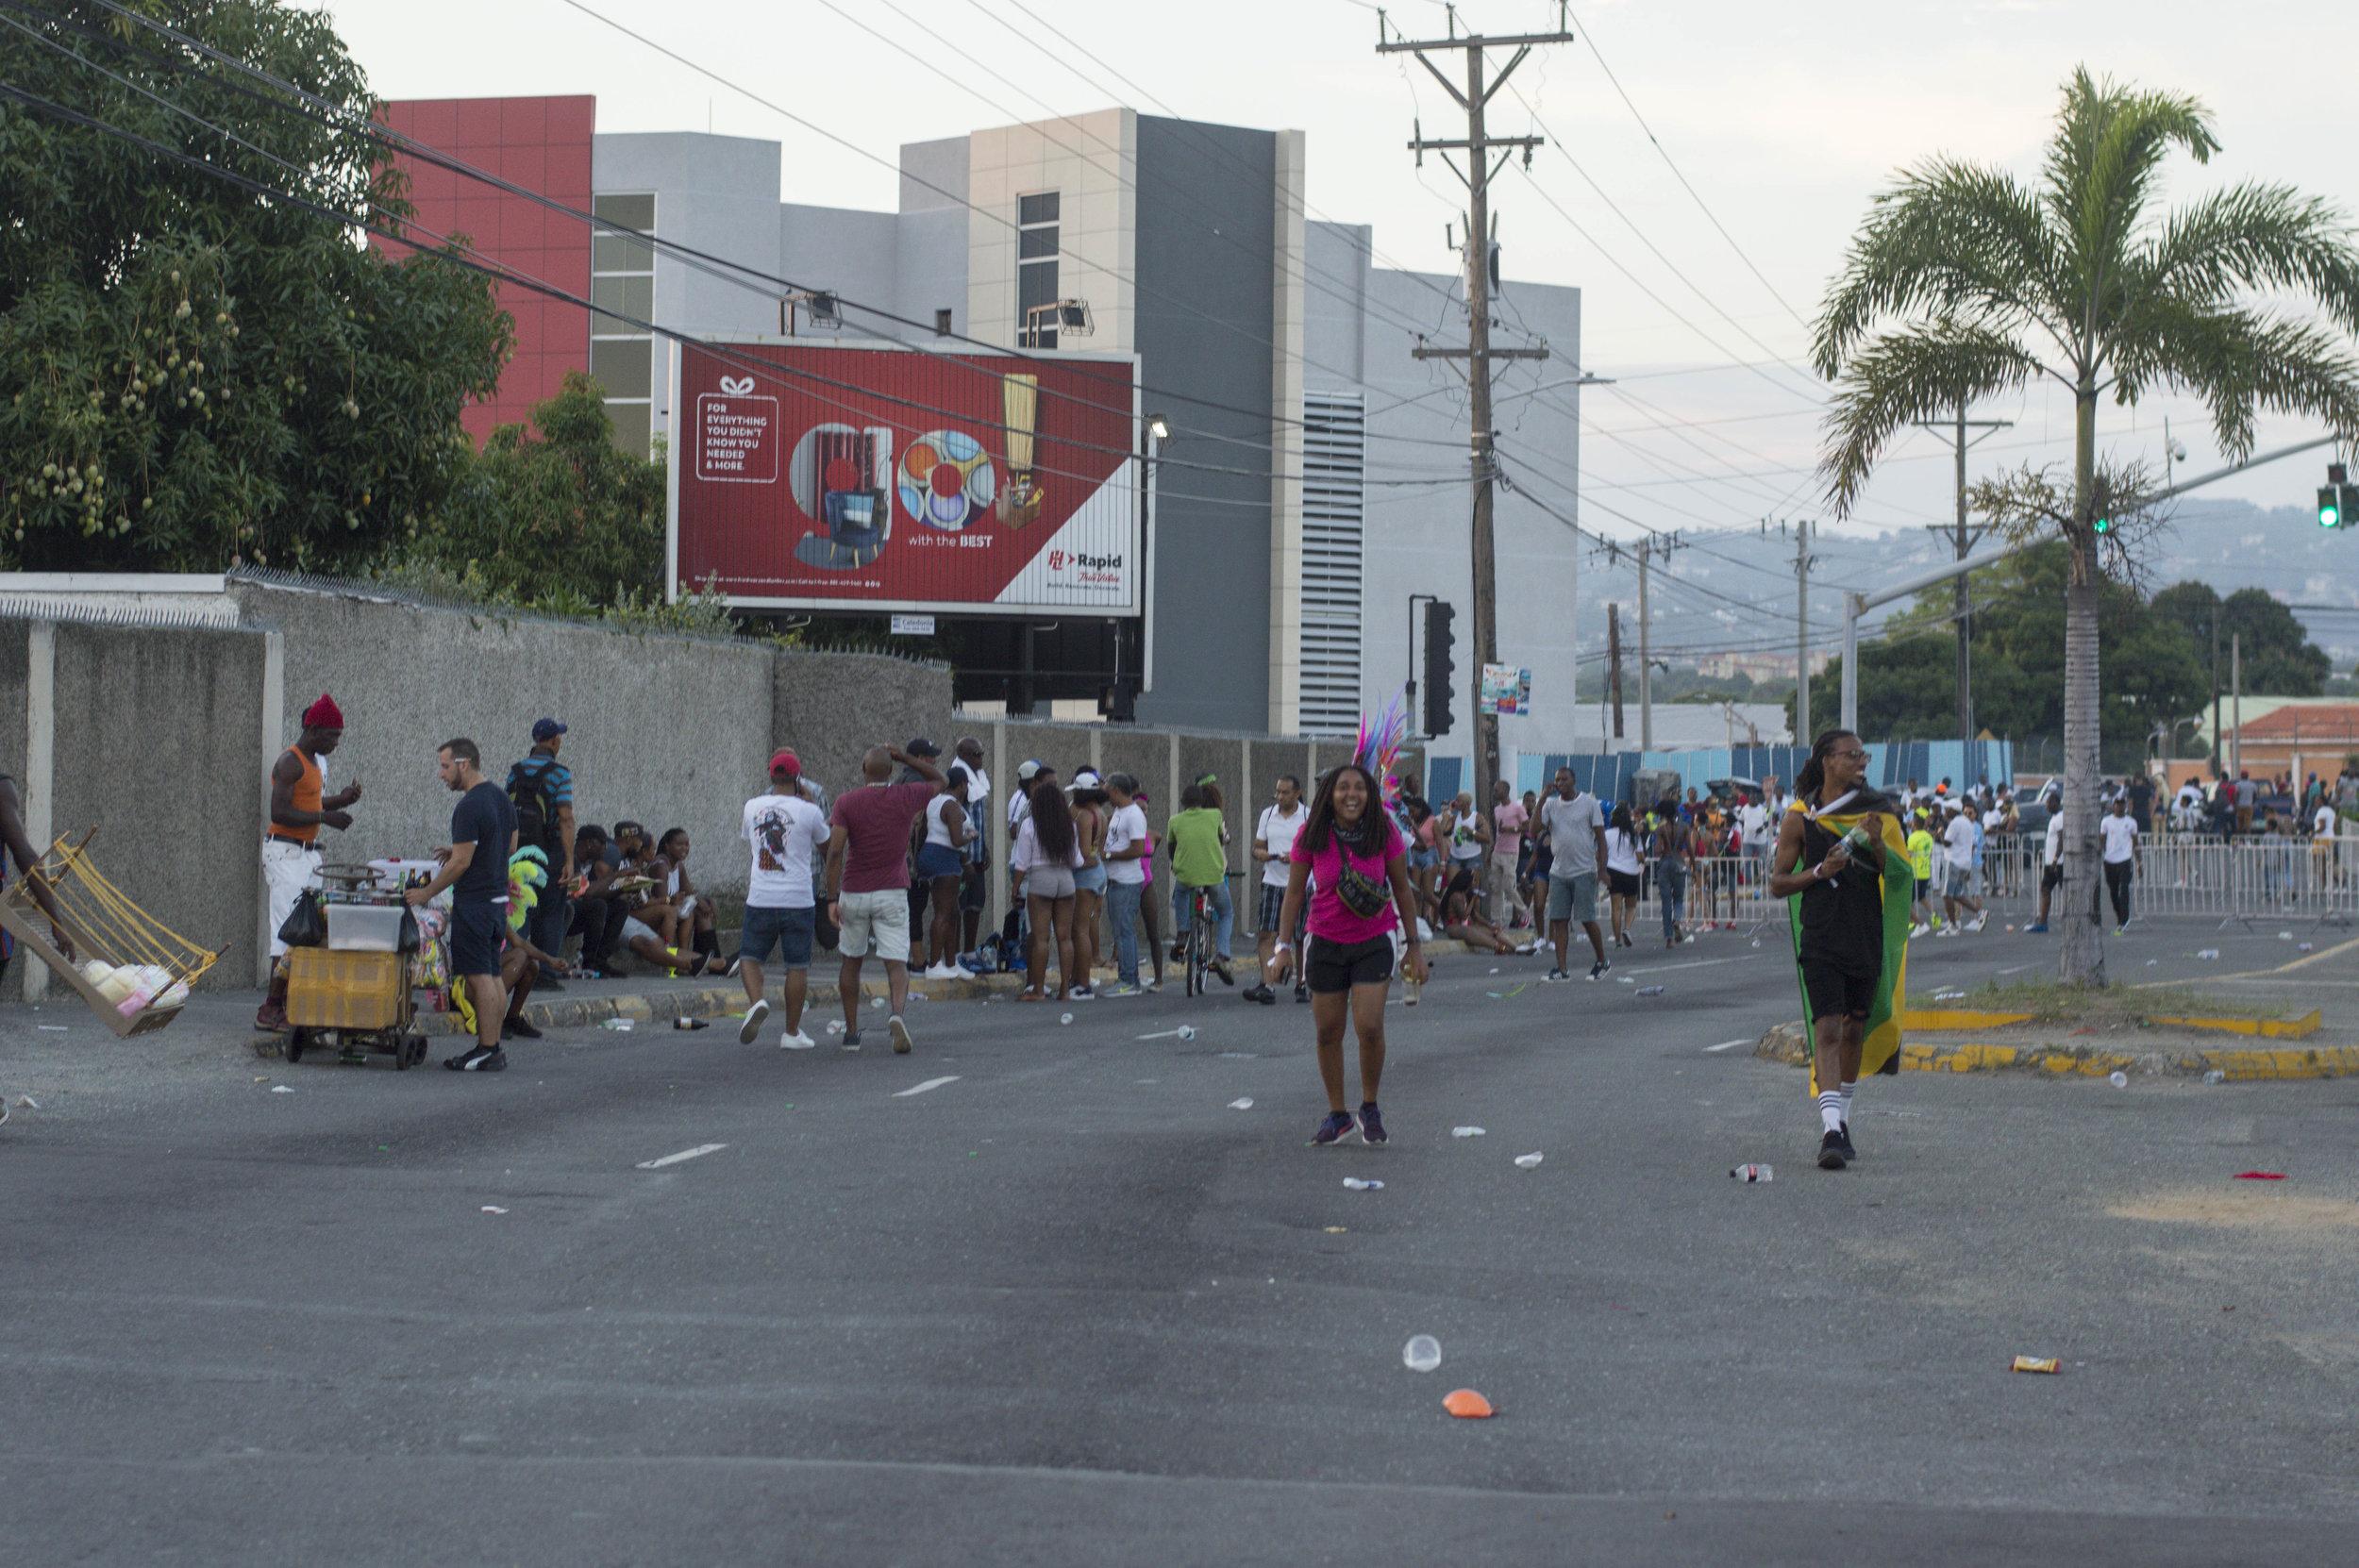 carnival2019_jeanalindo-70.jpg